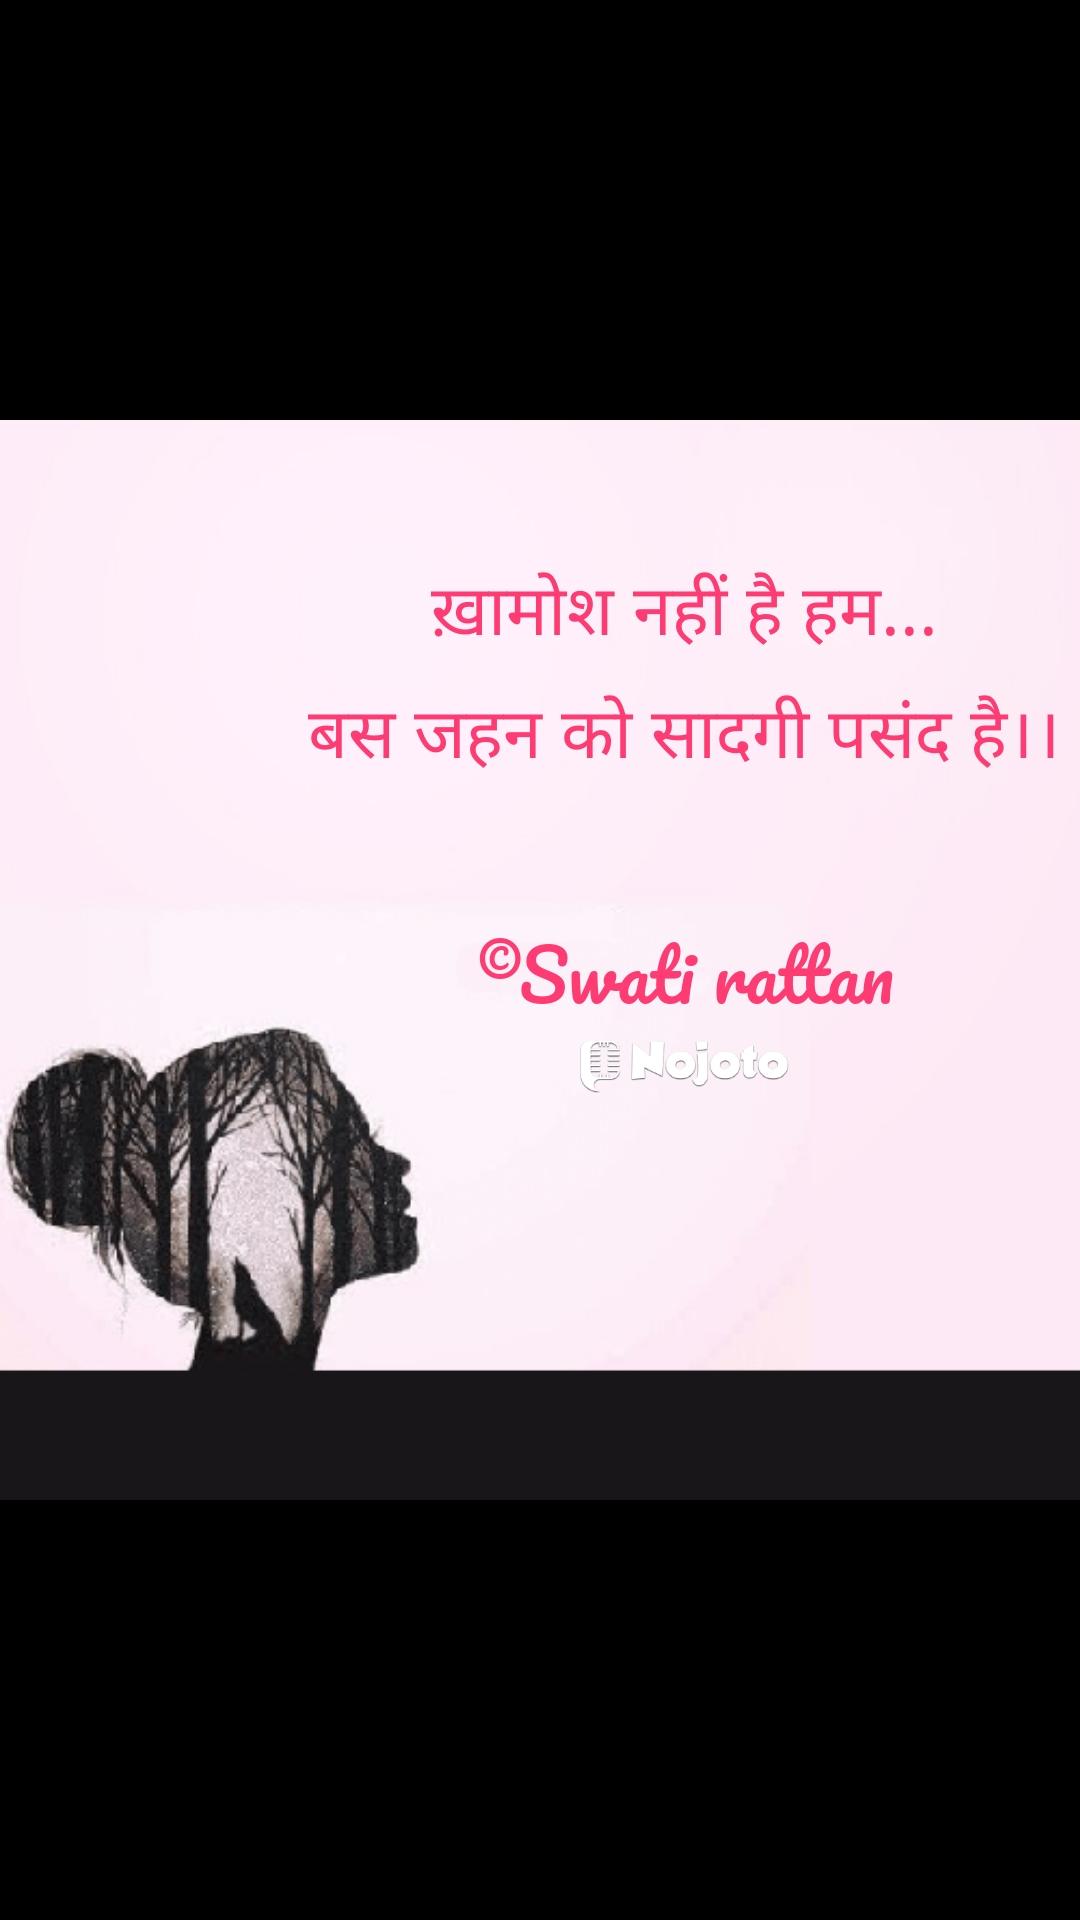 Girl quotes in Hindi ख़ामोश नहीं है हम... बस जहन को सादगी पसंद है।।  ©Swati rattan